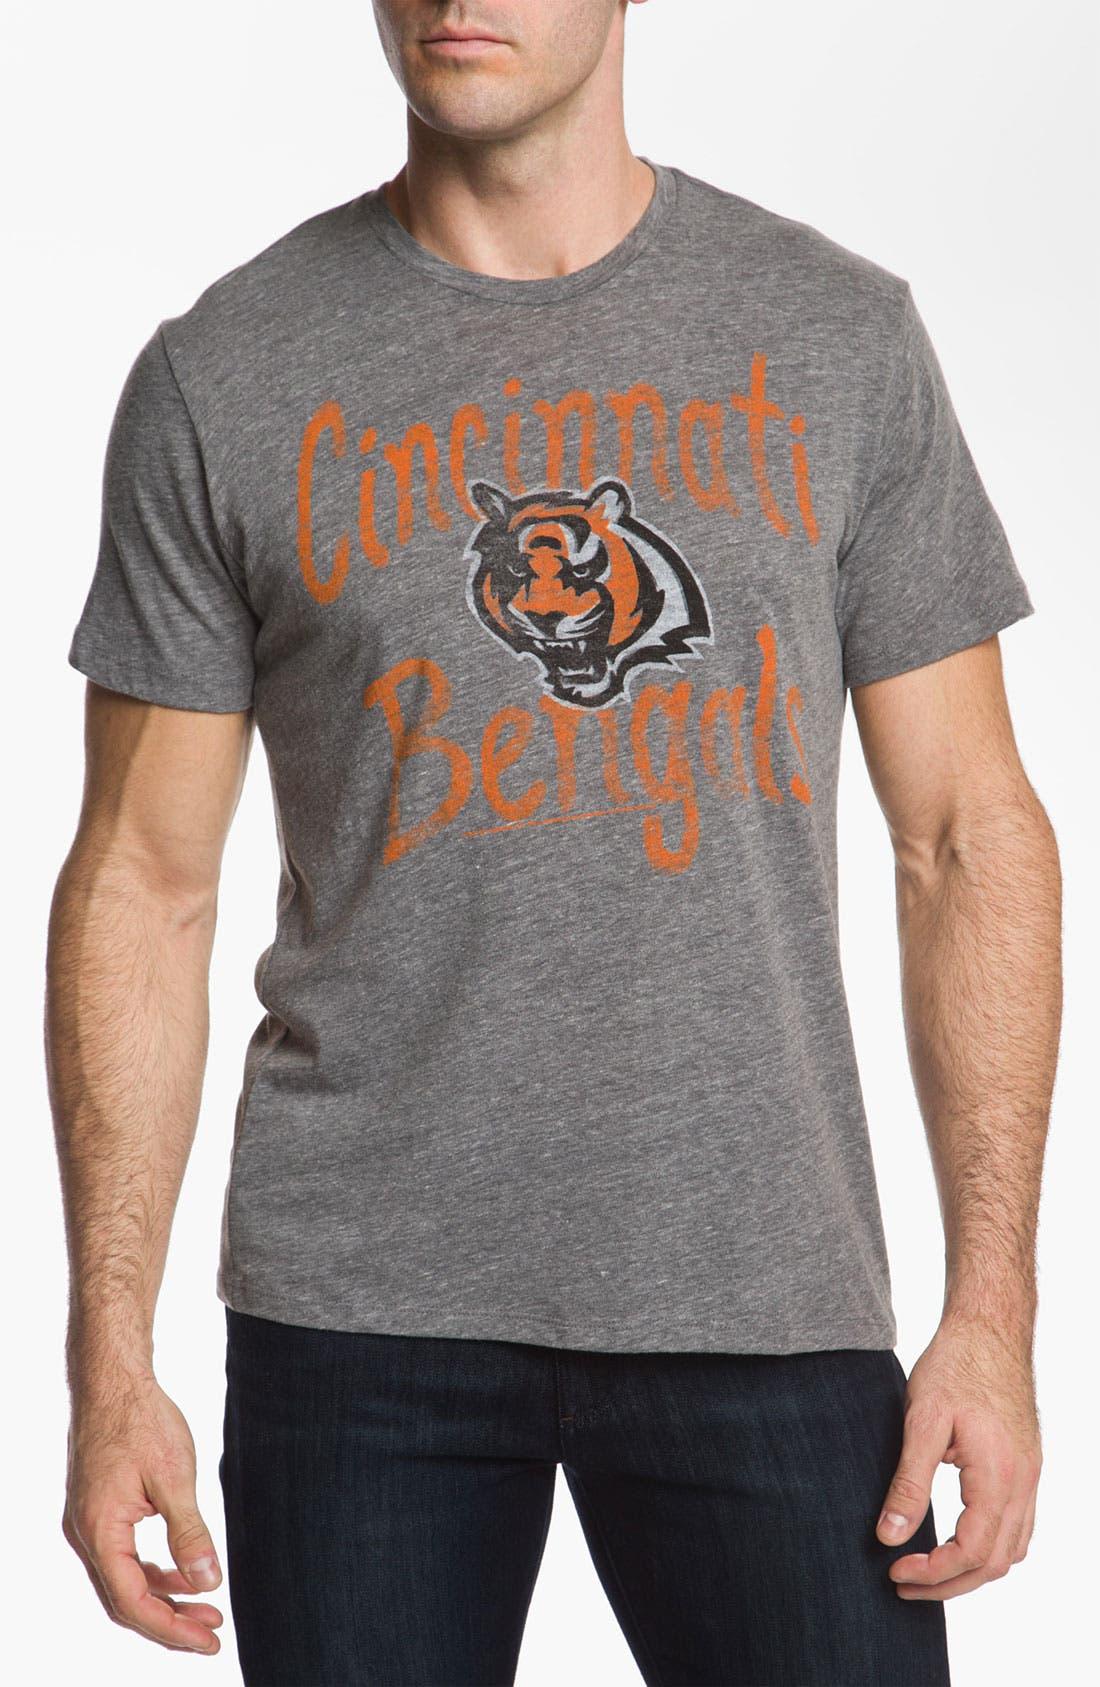 Alternate Image 1 Selected - Junk Food 'Cincinnati Bengals' T-Shirt